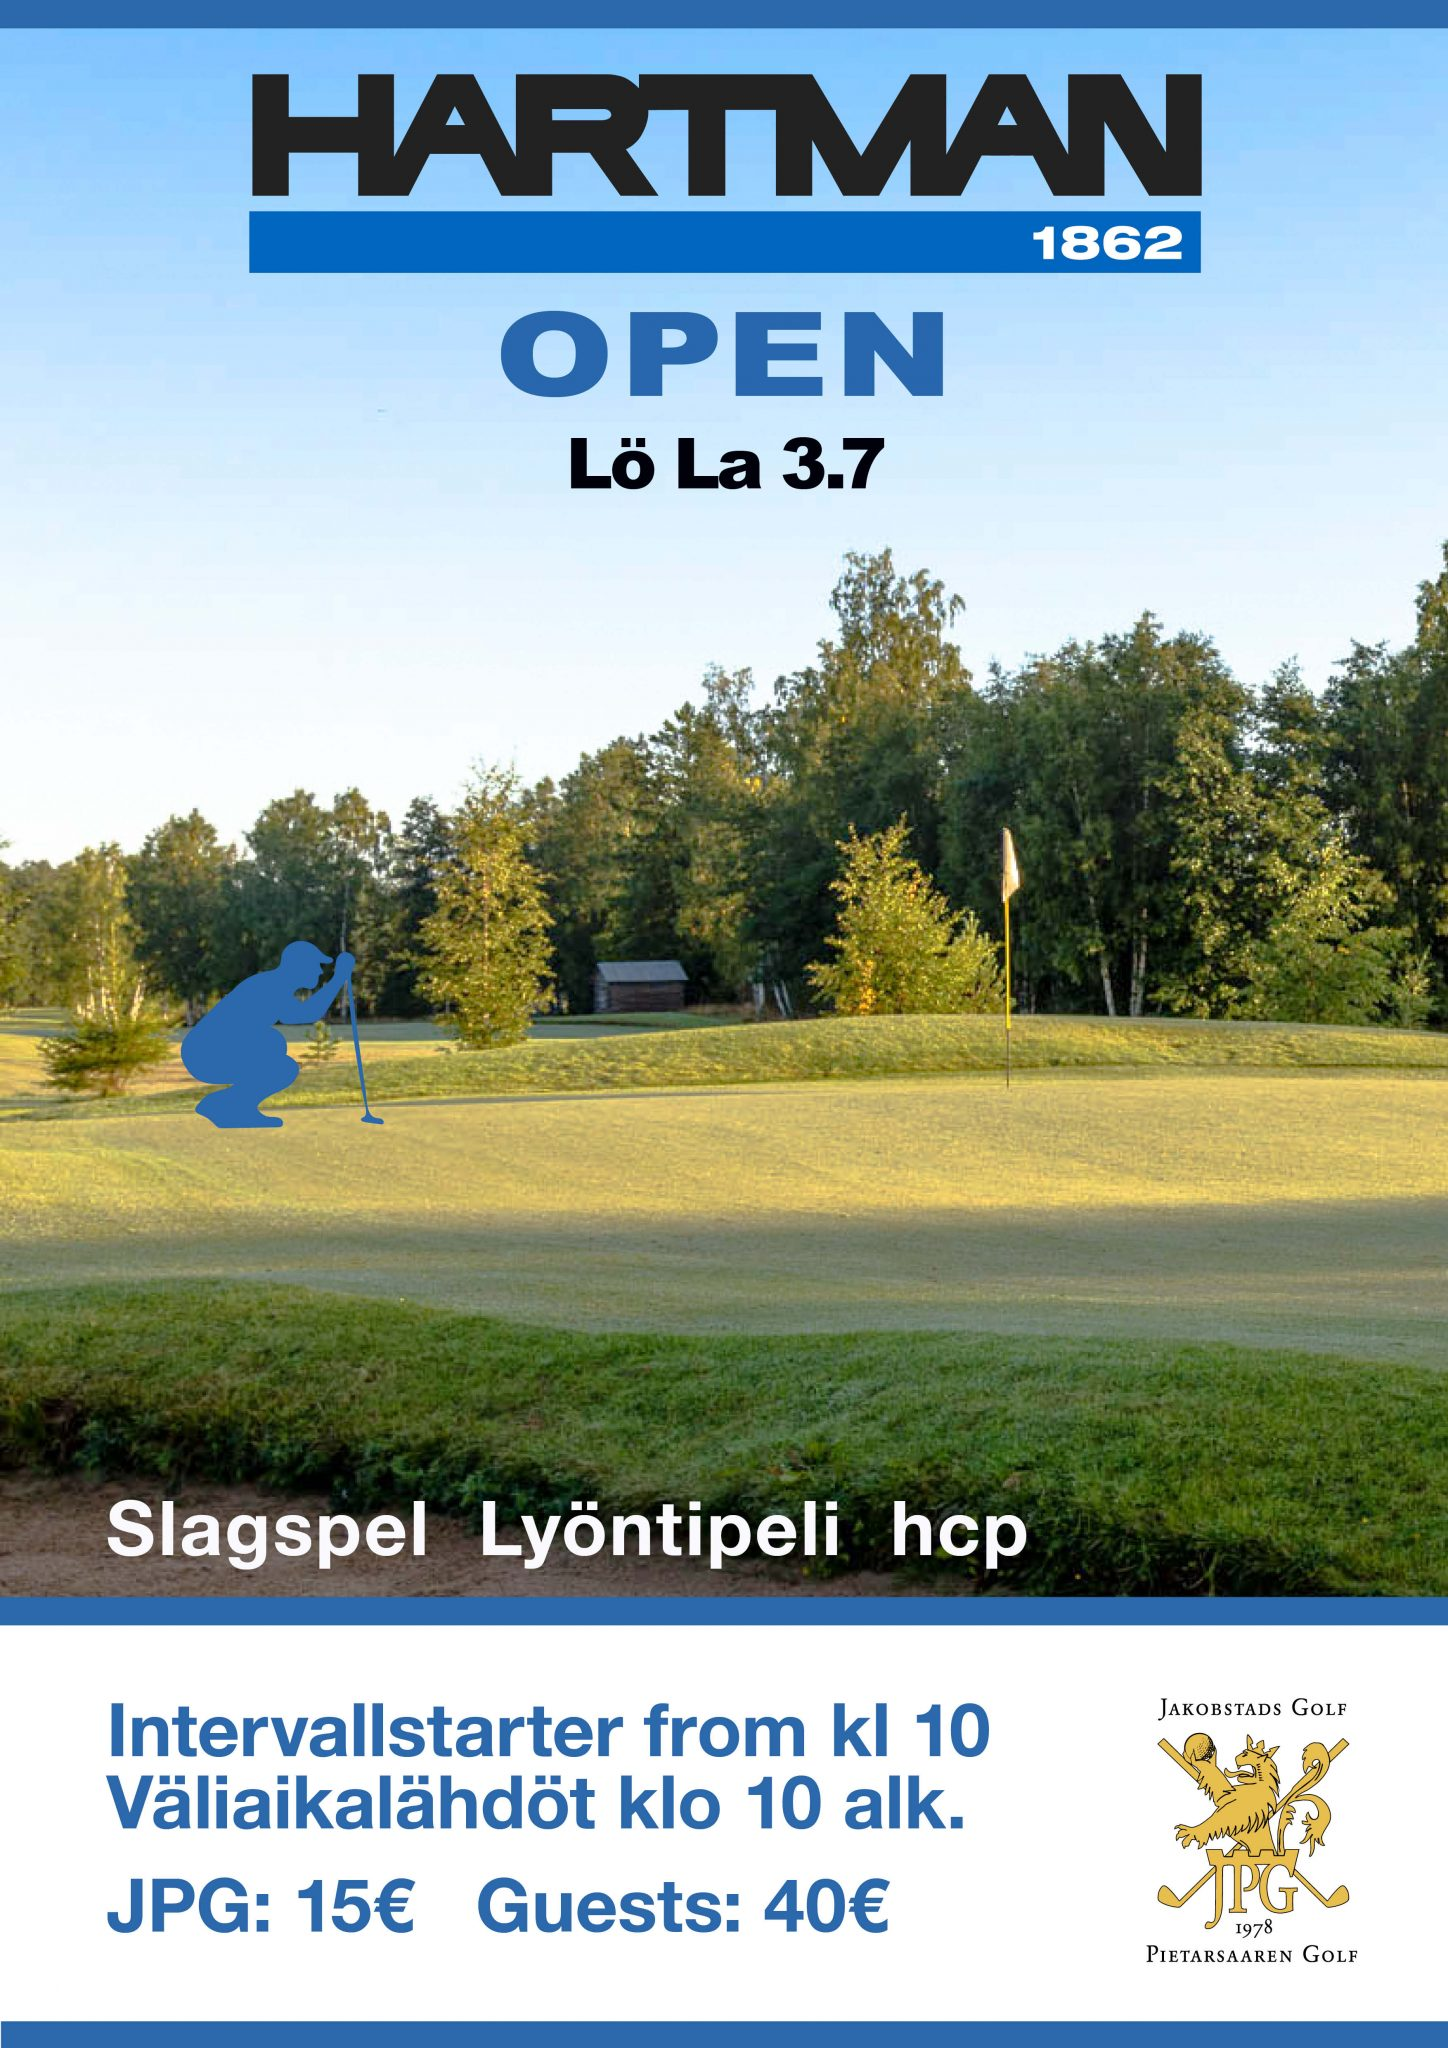 Hartman Open